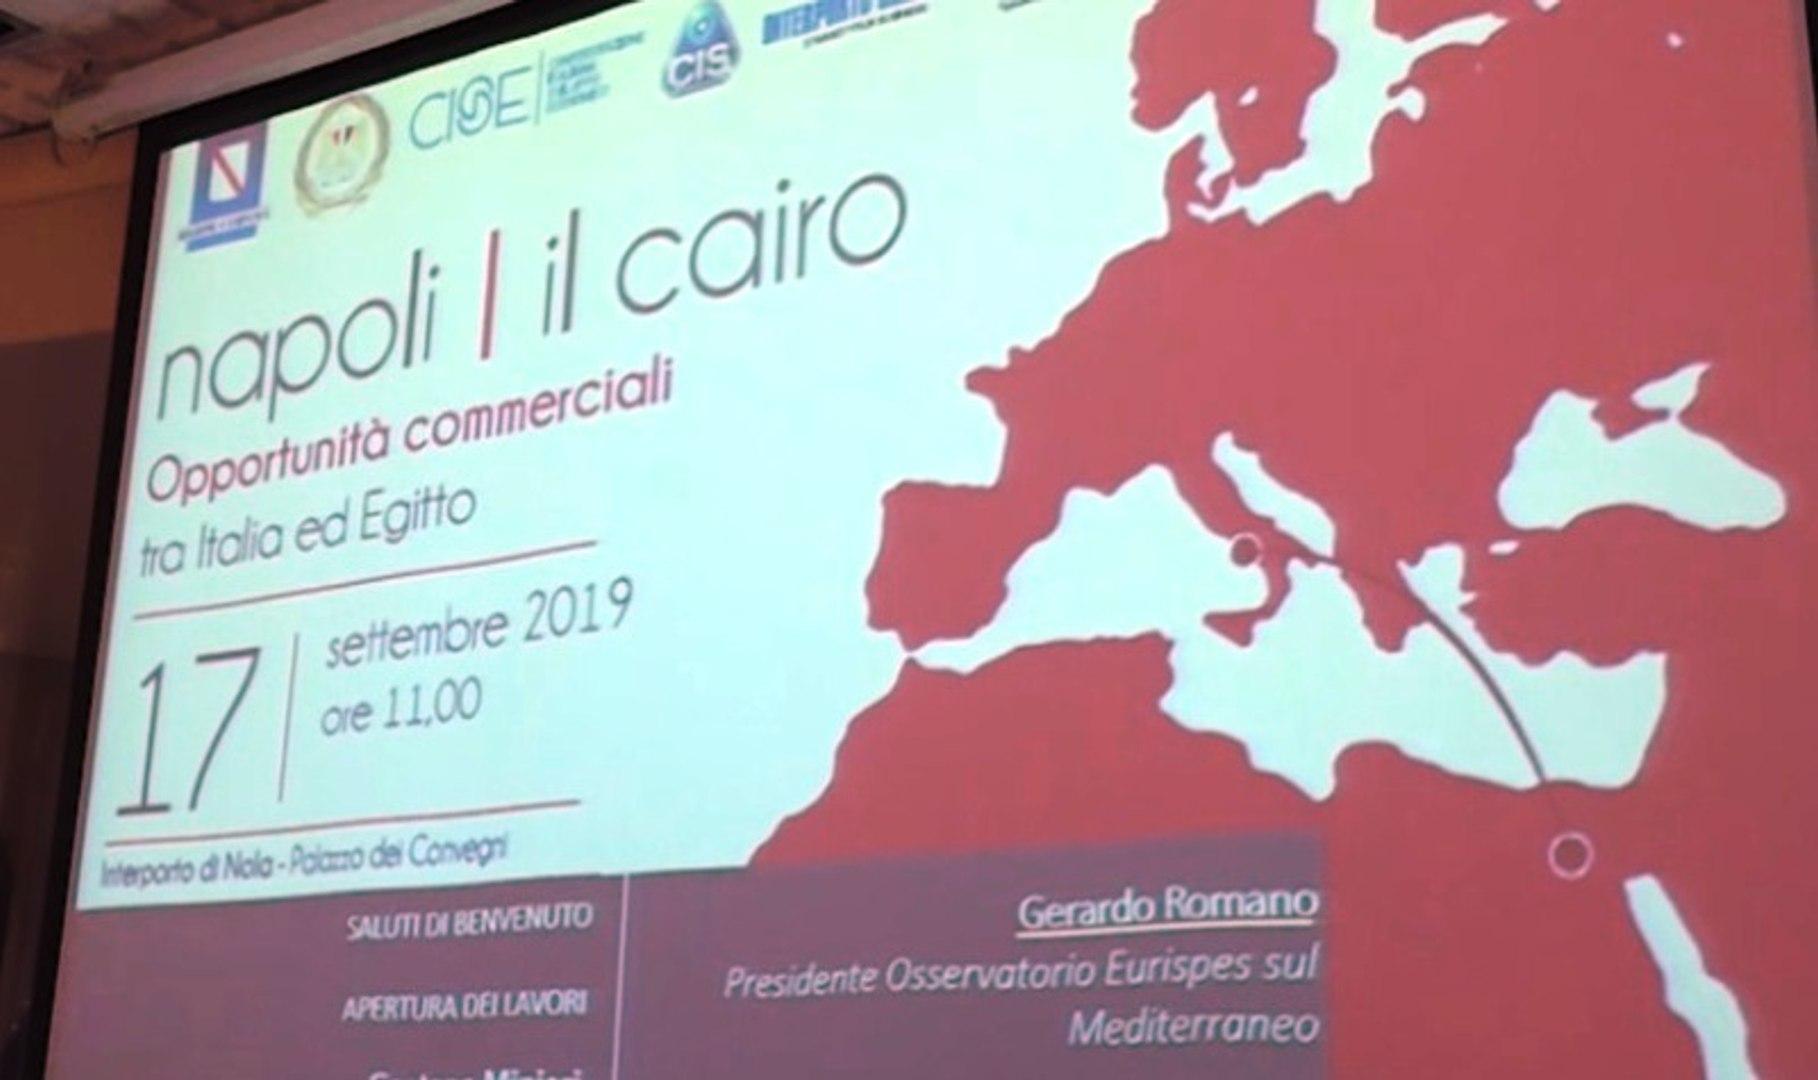 Nola (NA) - Commercio Italia-Egitto, delegazione del Cairo accolta al Cis (17.09.19)